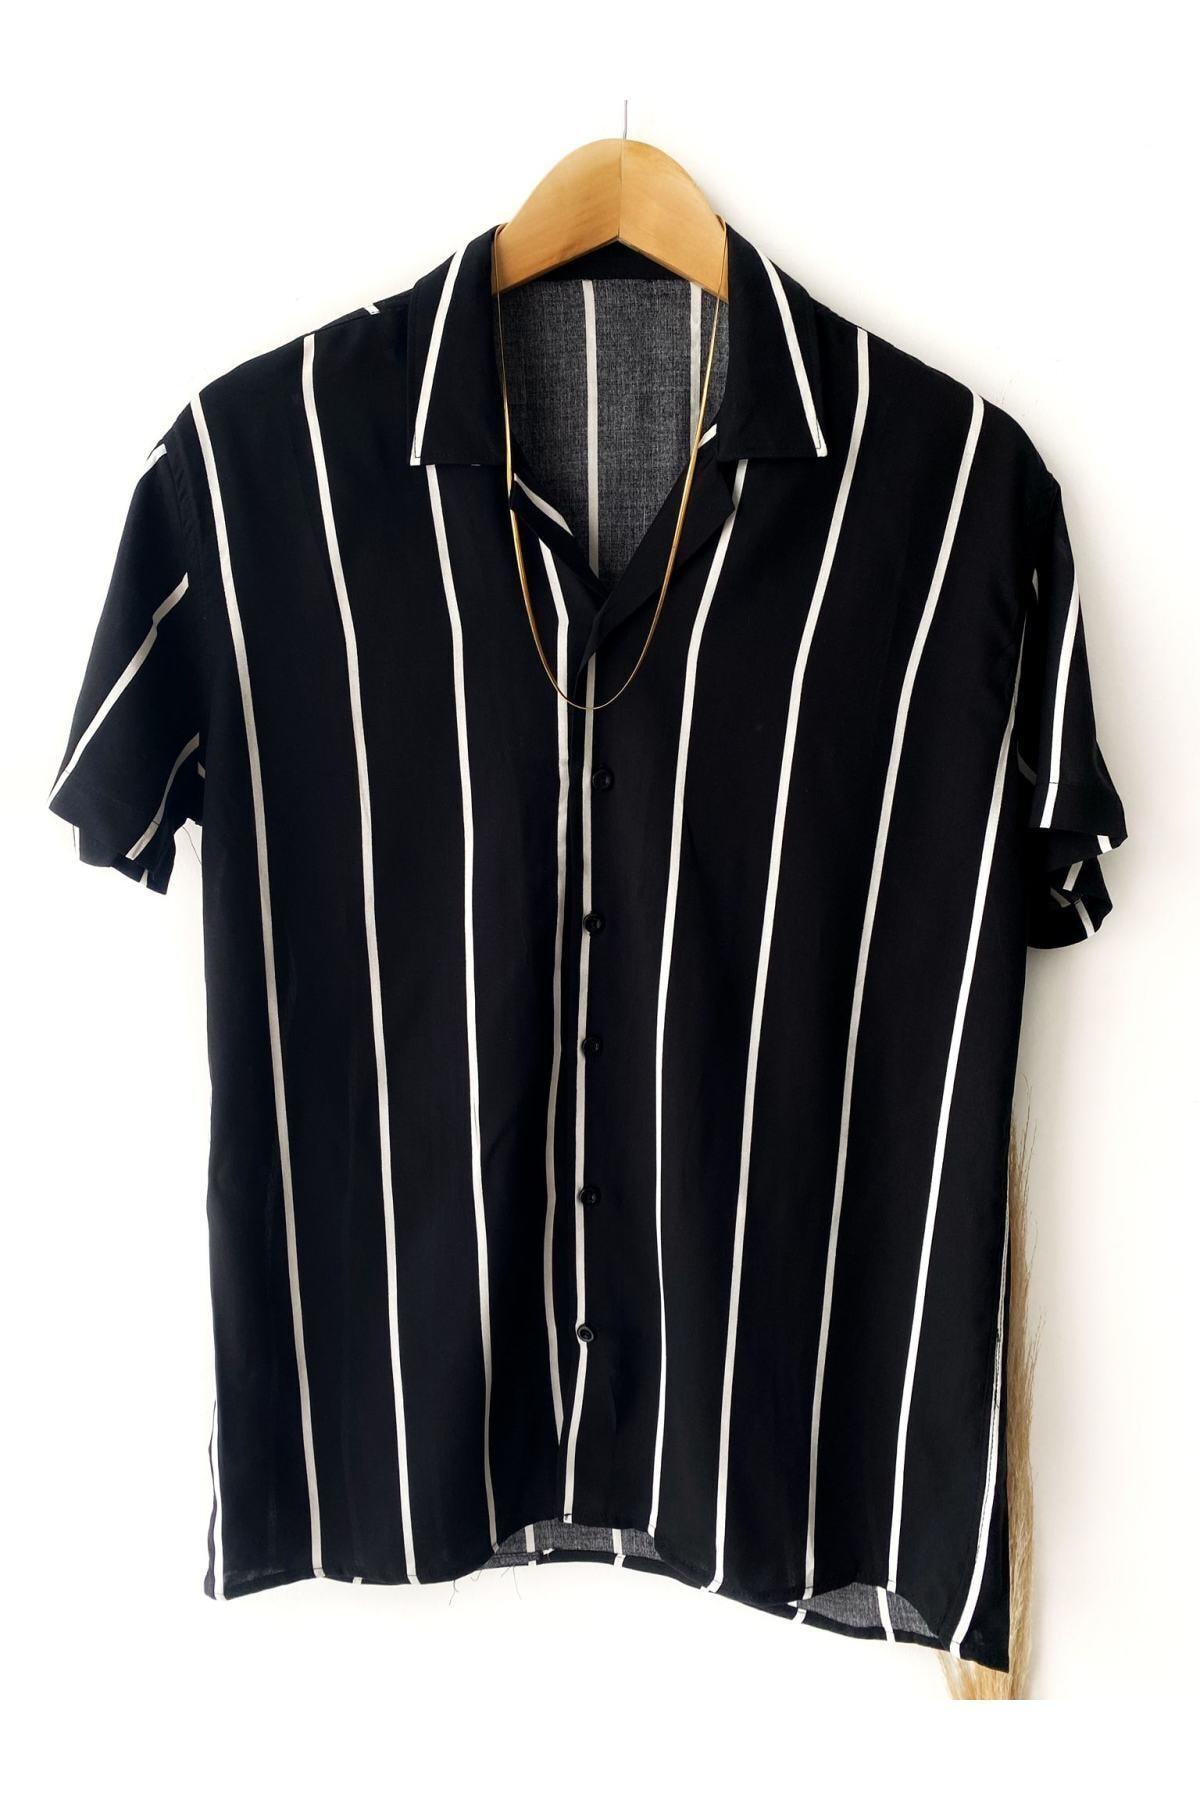 پیراهن کلاسیک مردانه طرح دار برند Hazhers رنگ مشکی کد ty113841210